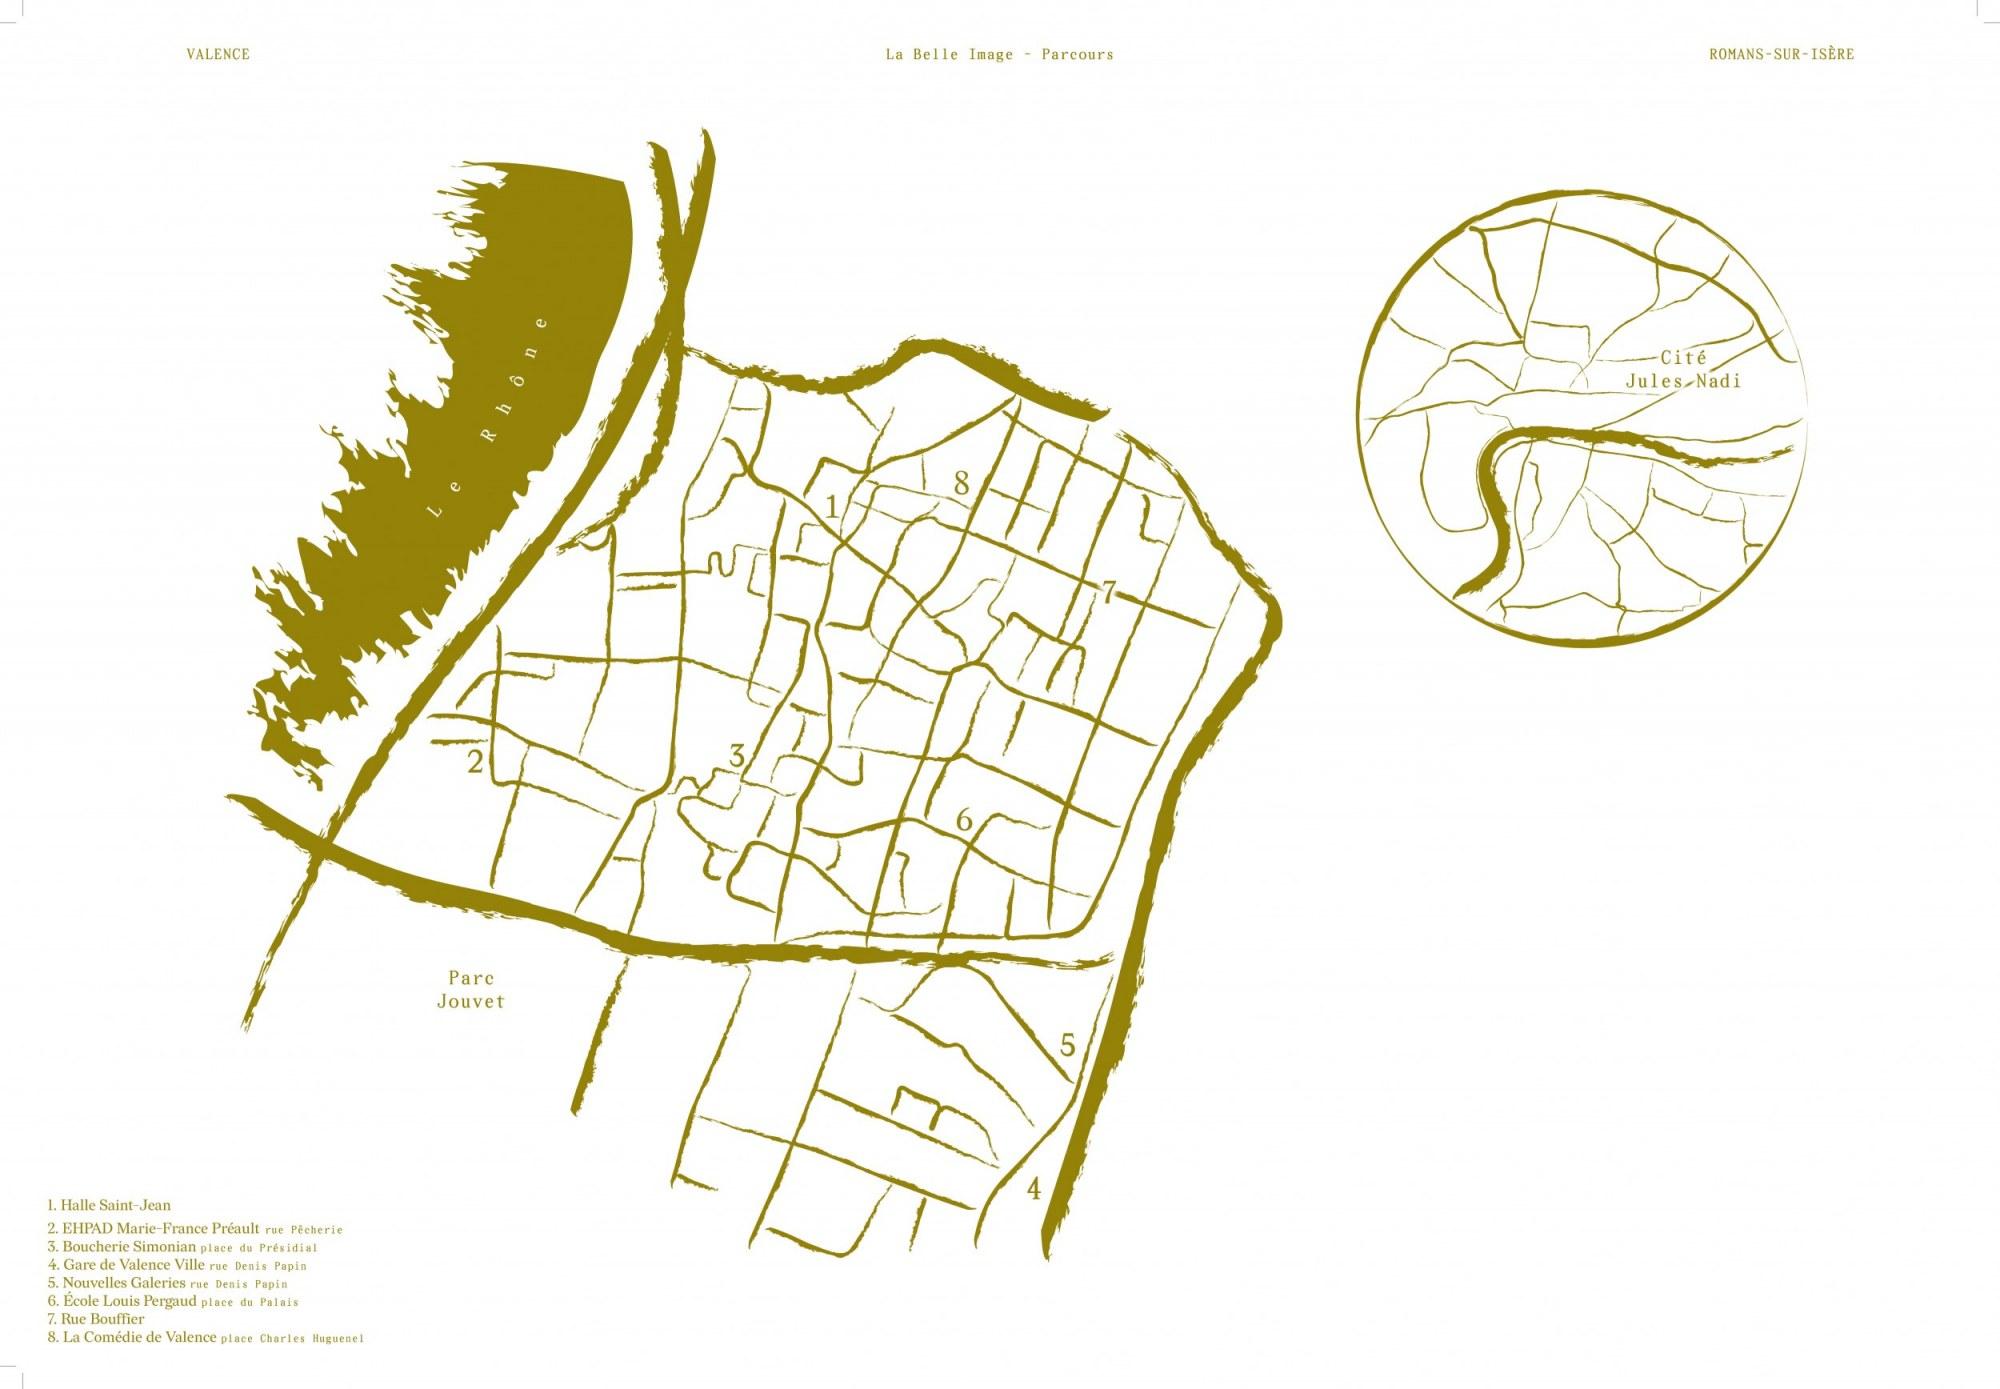 La carte du parcours © Romain Guillo